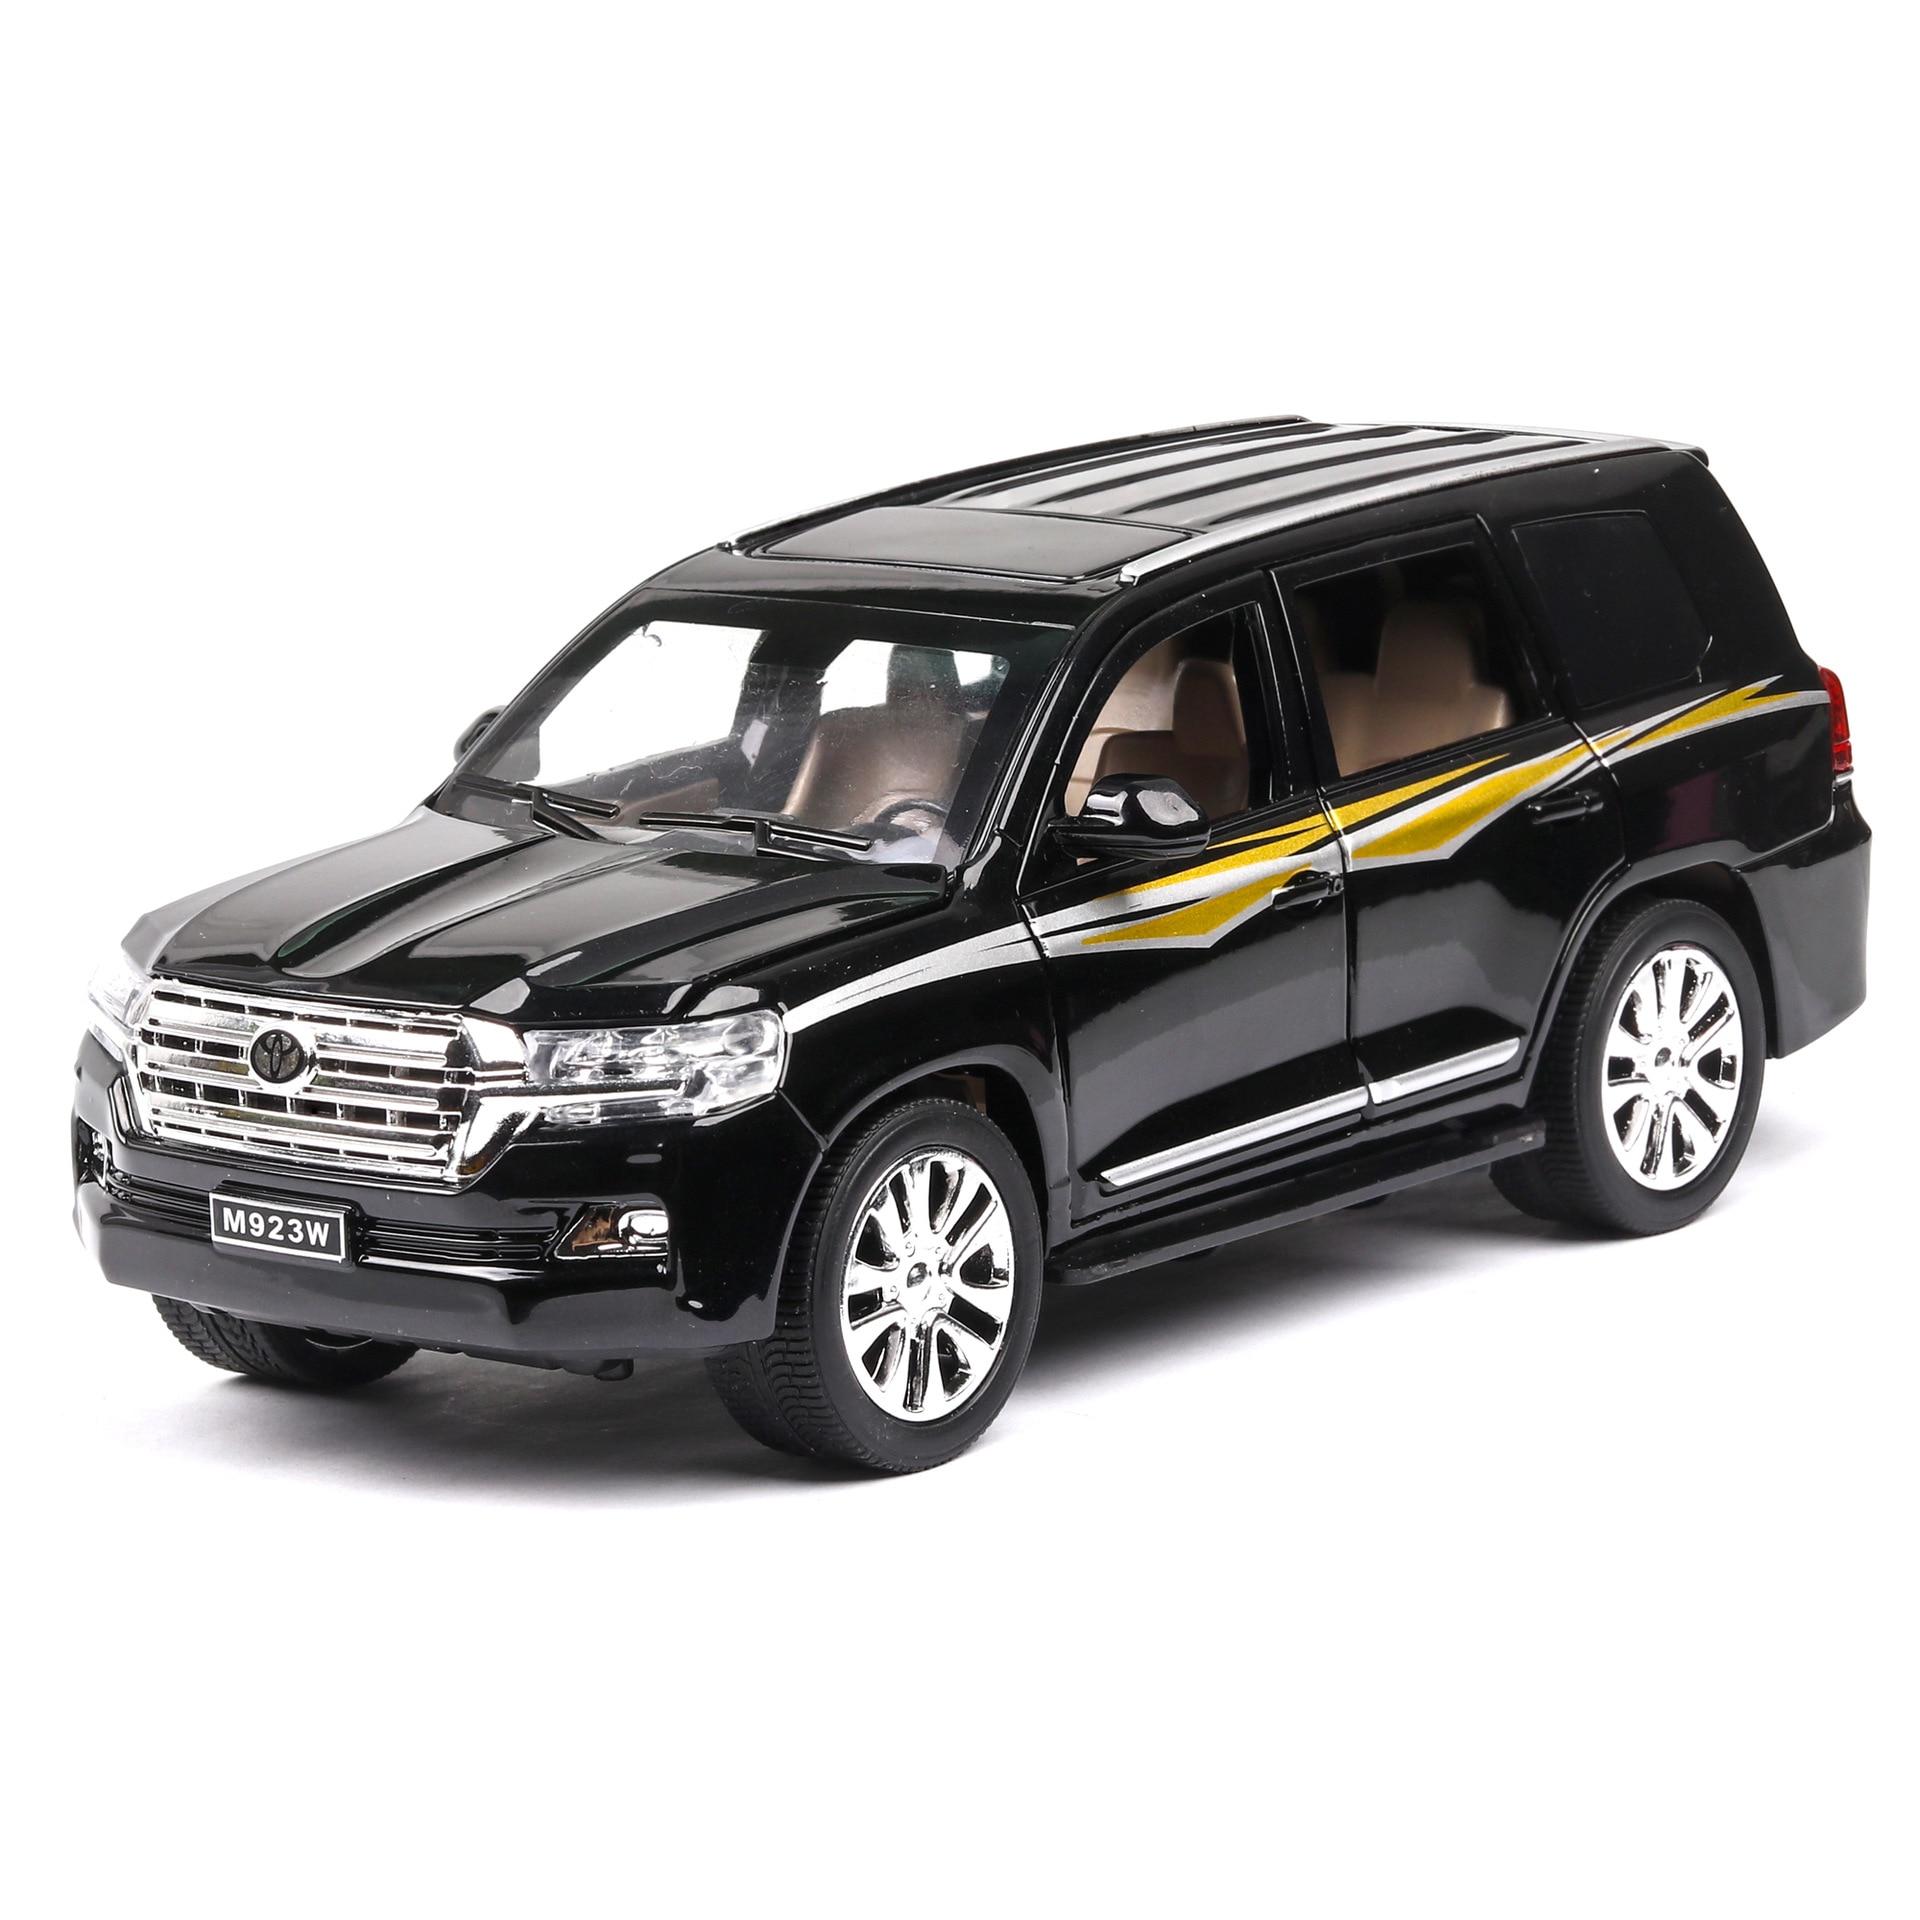 1:24 игрушечный автомобиль модель литье под давлением металлические колеса Land Cruiser SUV моделирование музыкальный светильник коллекция автомобилей Дети Мальчики игрушки подарок|Игрушечный транспорт|   | АлиЭкспресс